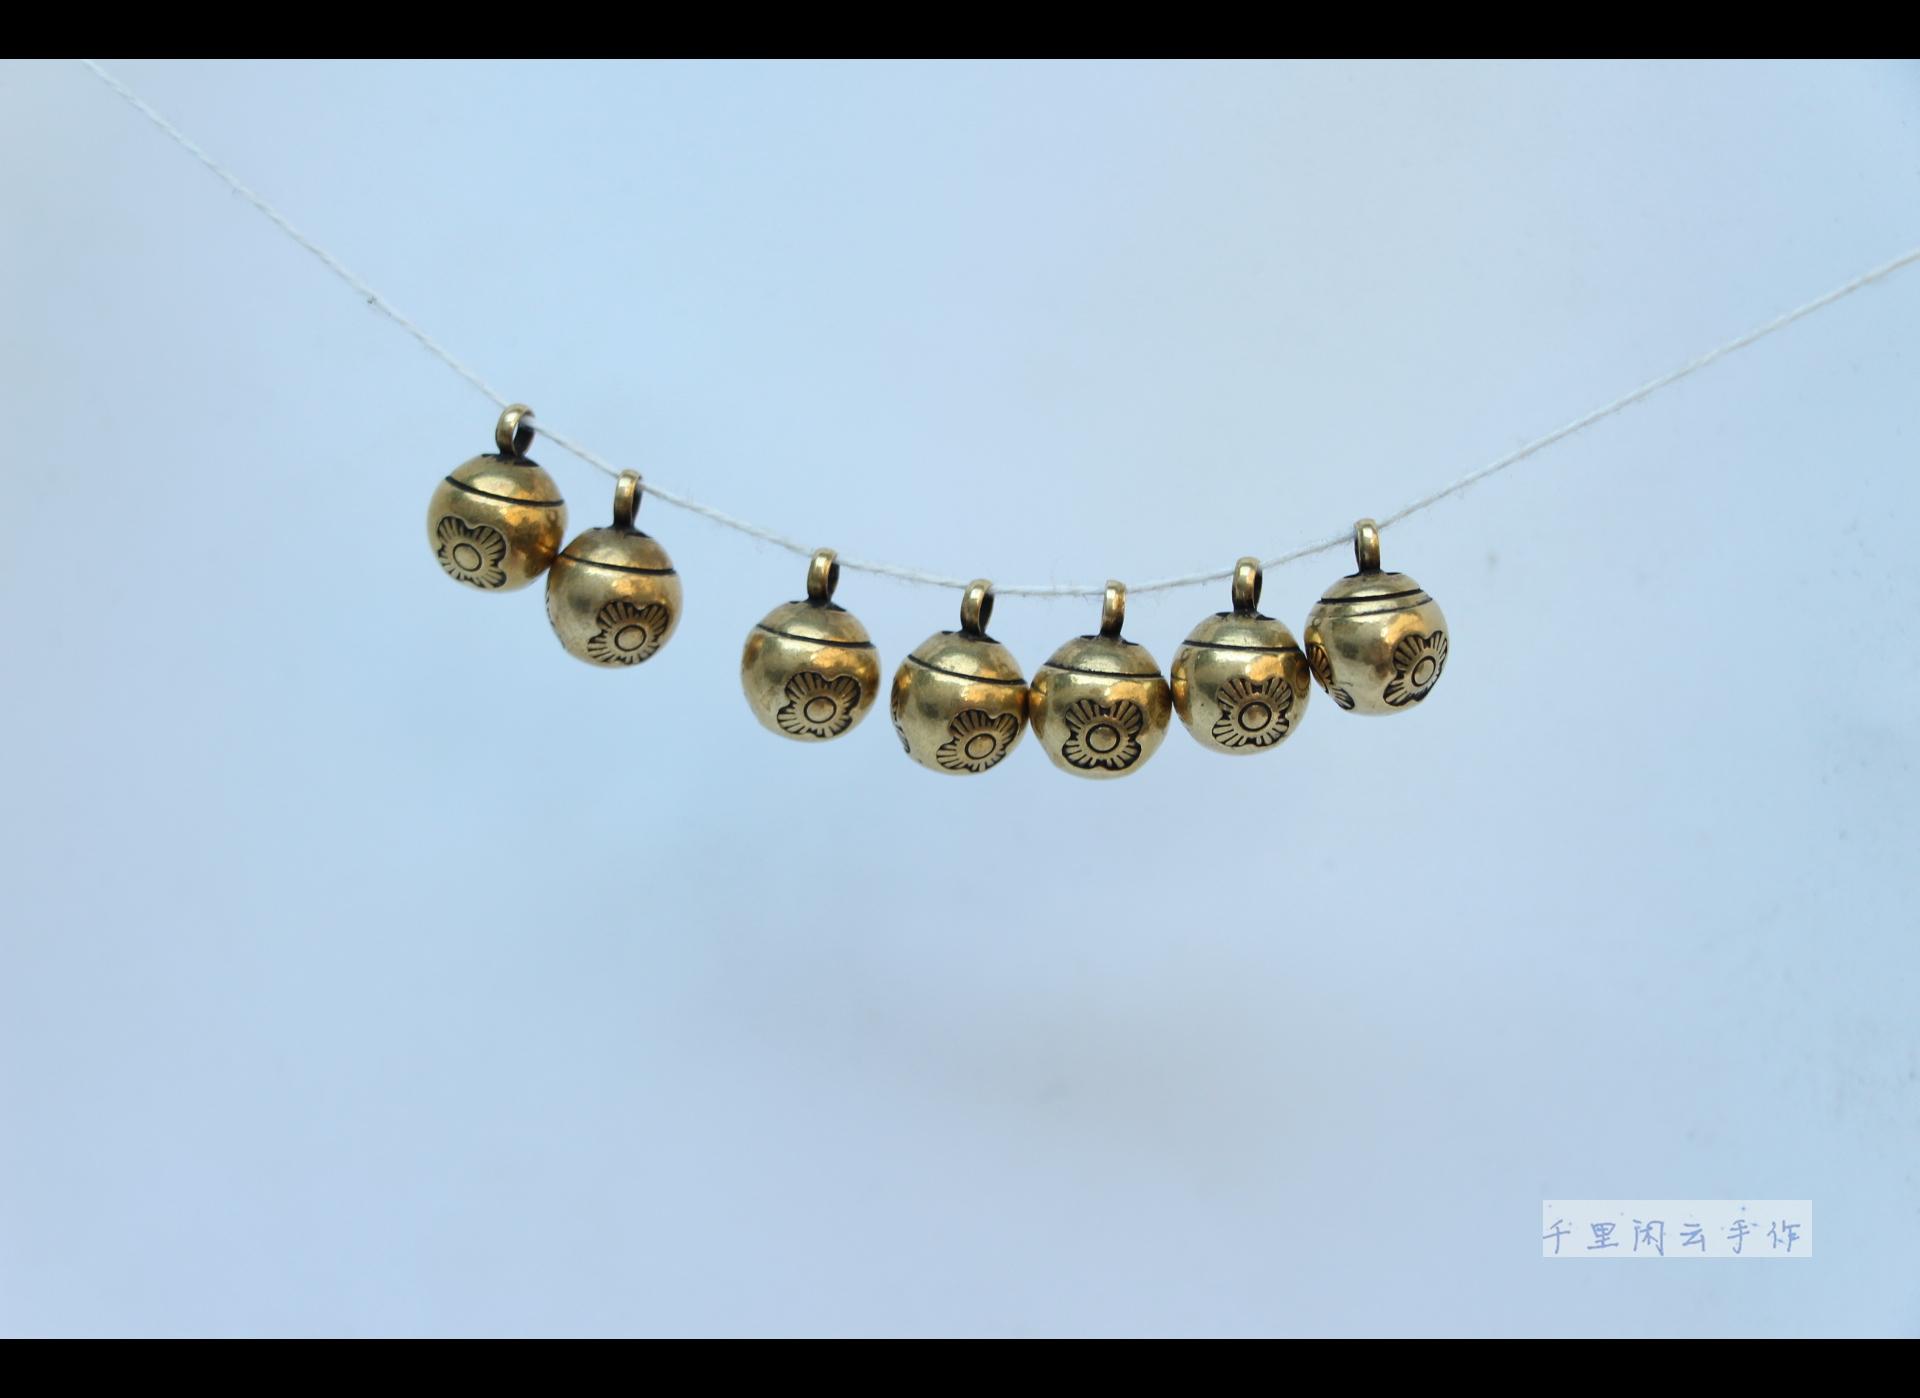 Пряжка цветы зерно ремесла статья древний наряд затем встроенная в одежду одежда кнопки шаблон шаблон твердый 1.2cm пряжка среда